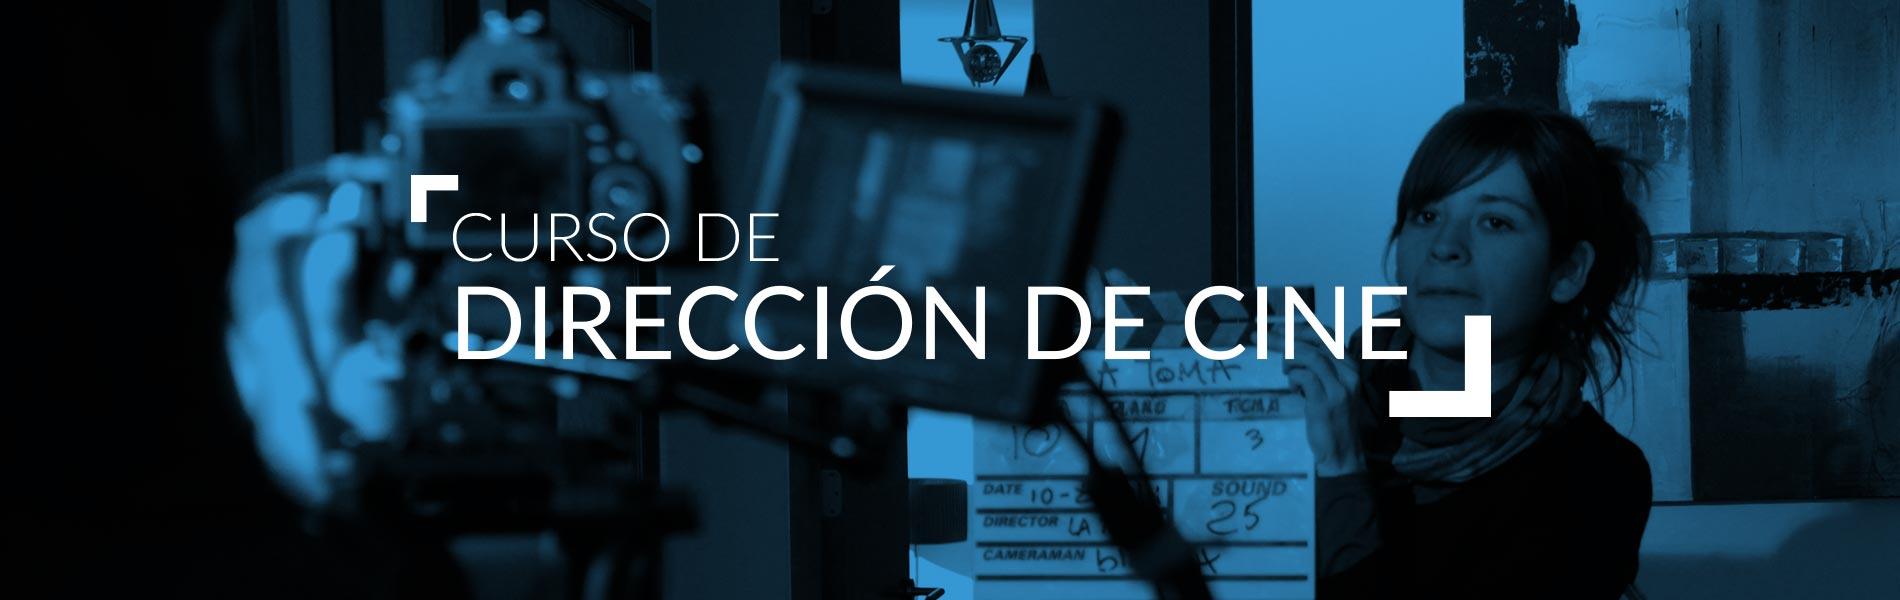 Curso Dirección de Cine